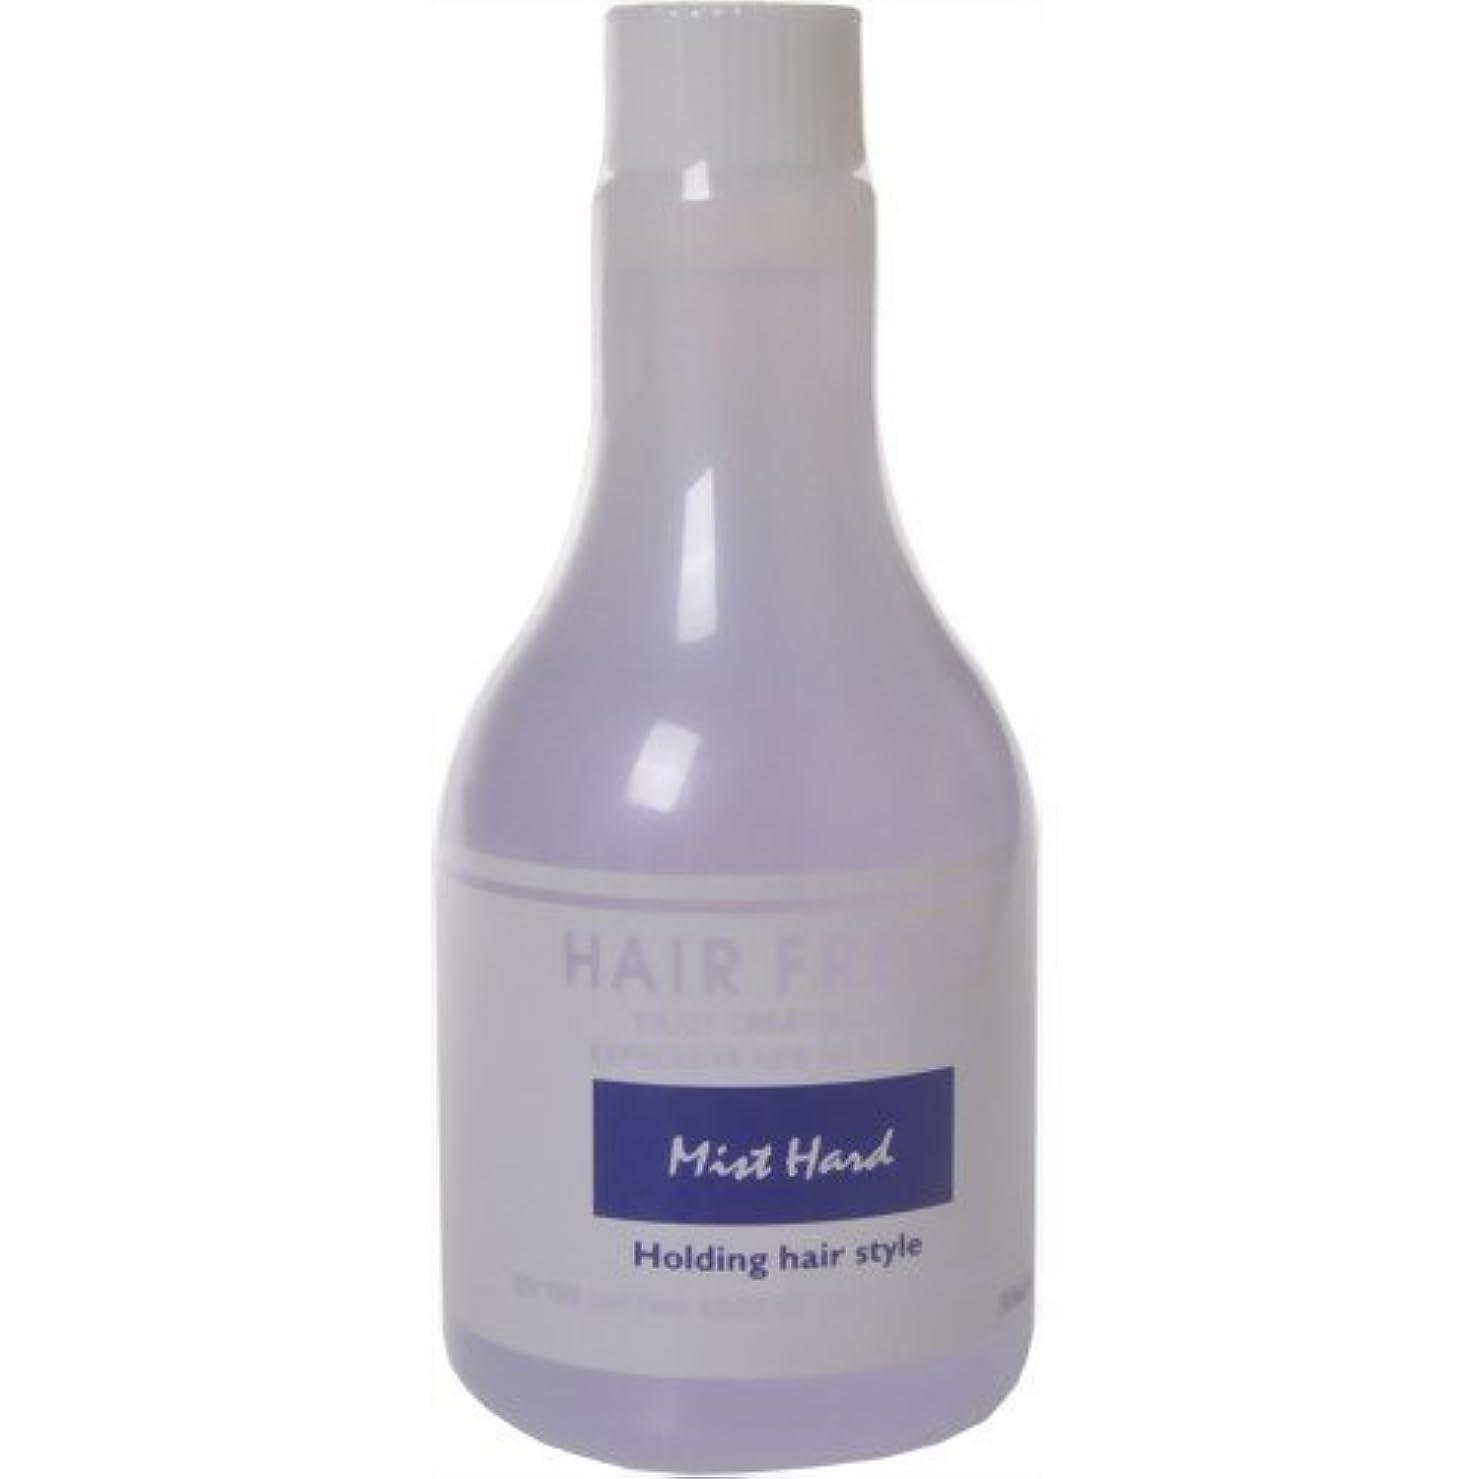 黒付属品風味中野製薬 ヘアフレッシュ ミスト ハード 315ml